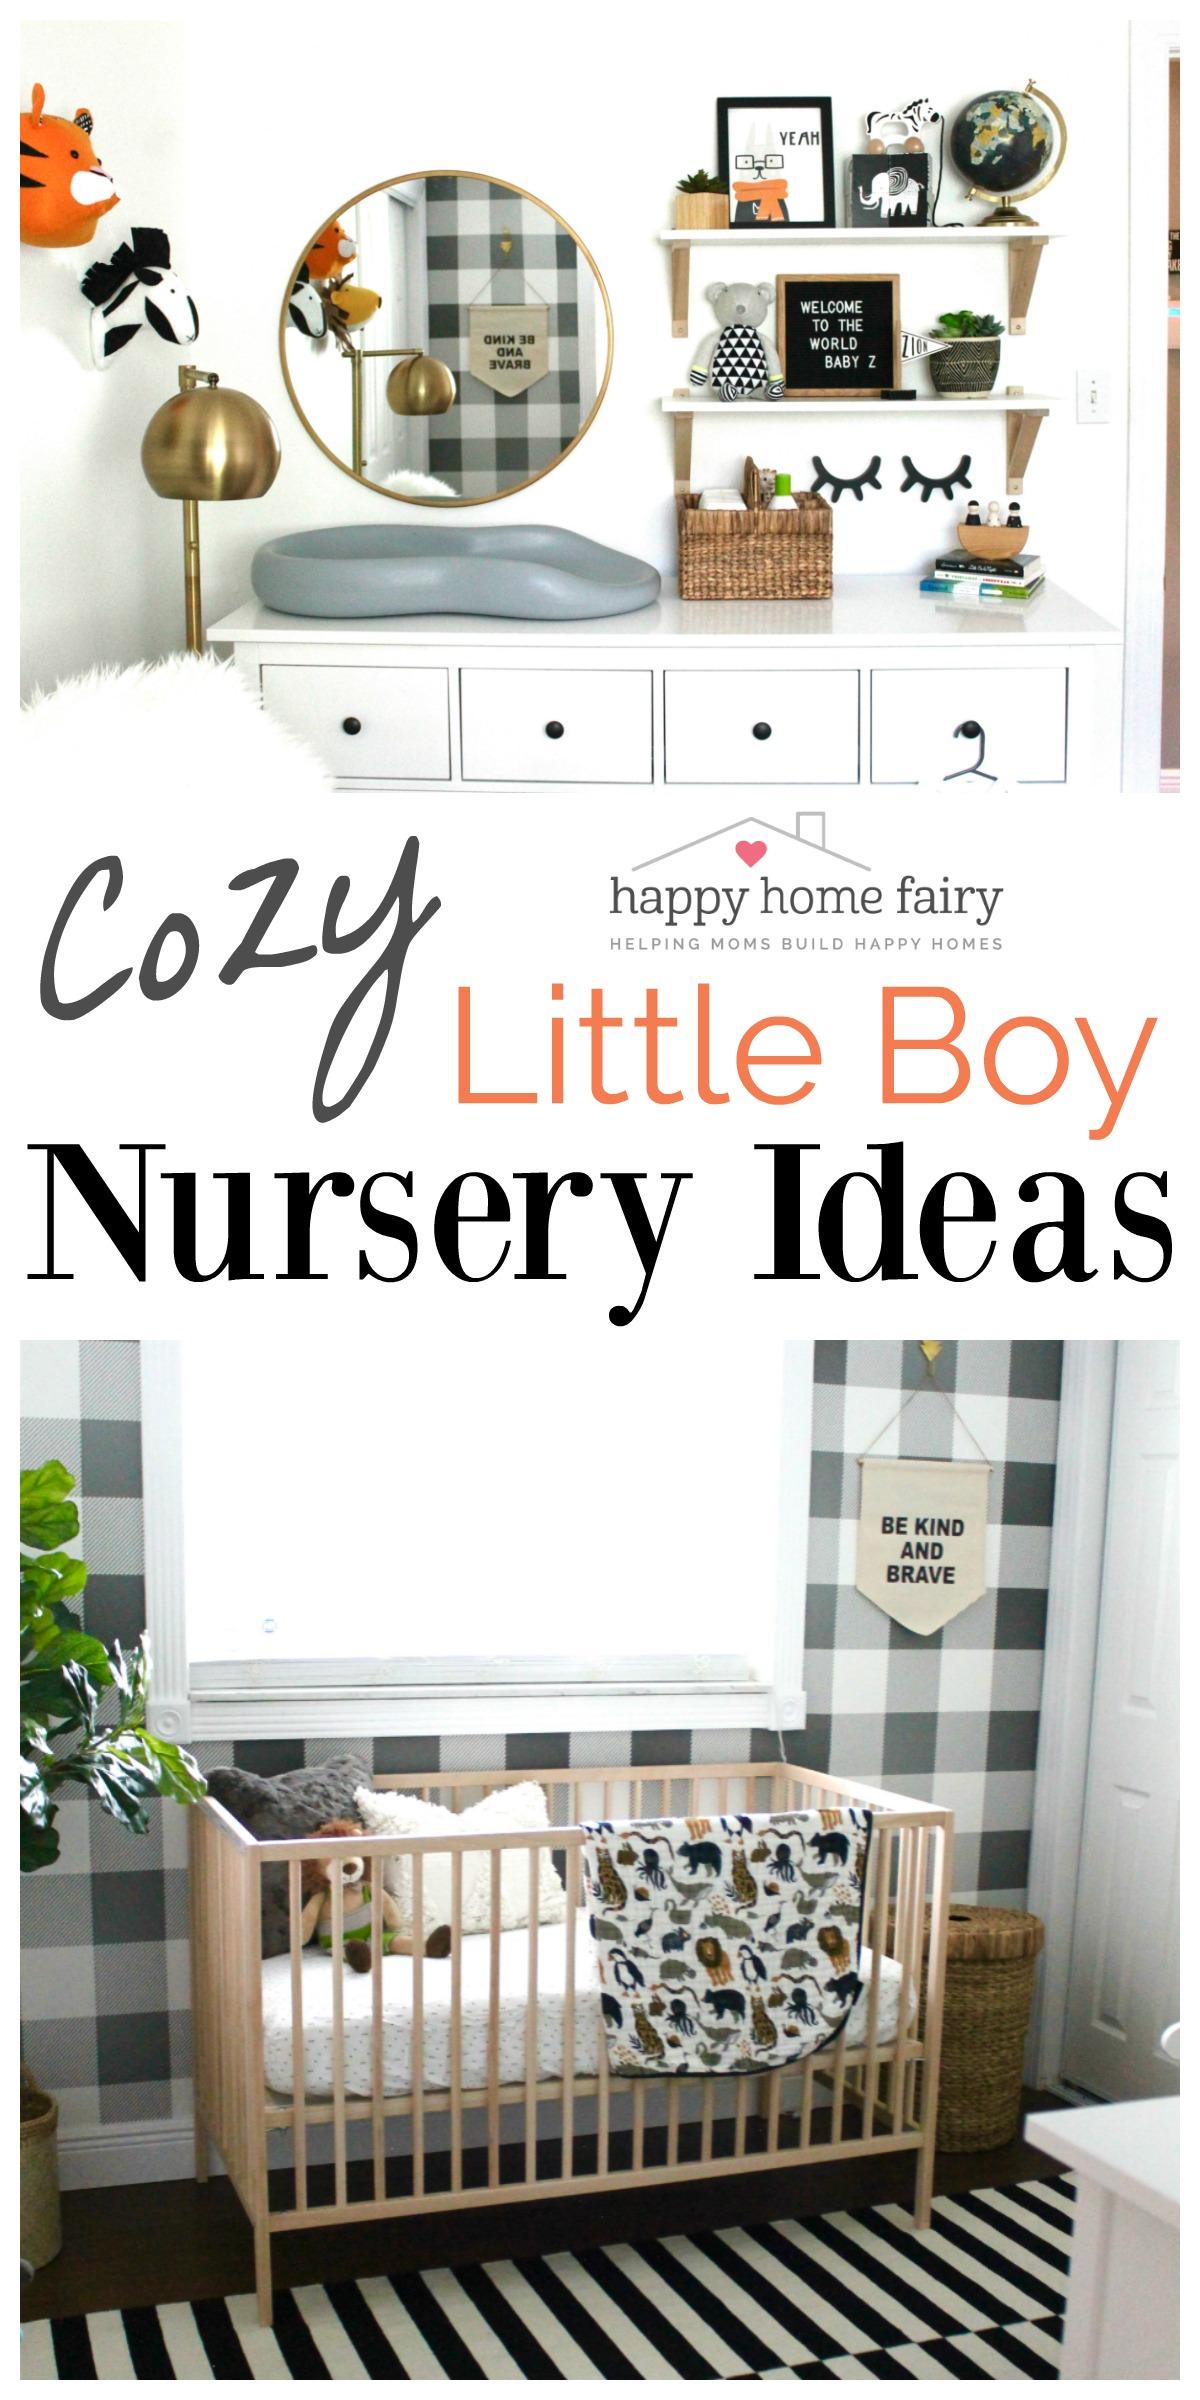 NURSERY REVEAL – Cozy Little Boy Nursery Ideas